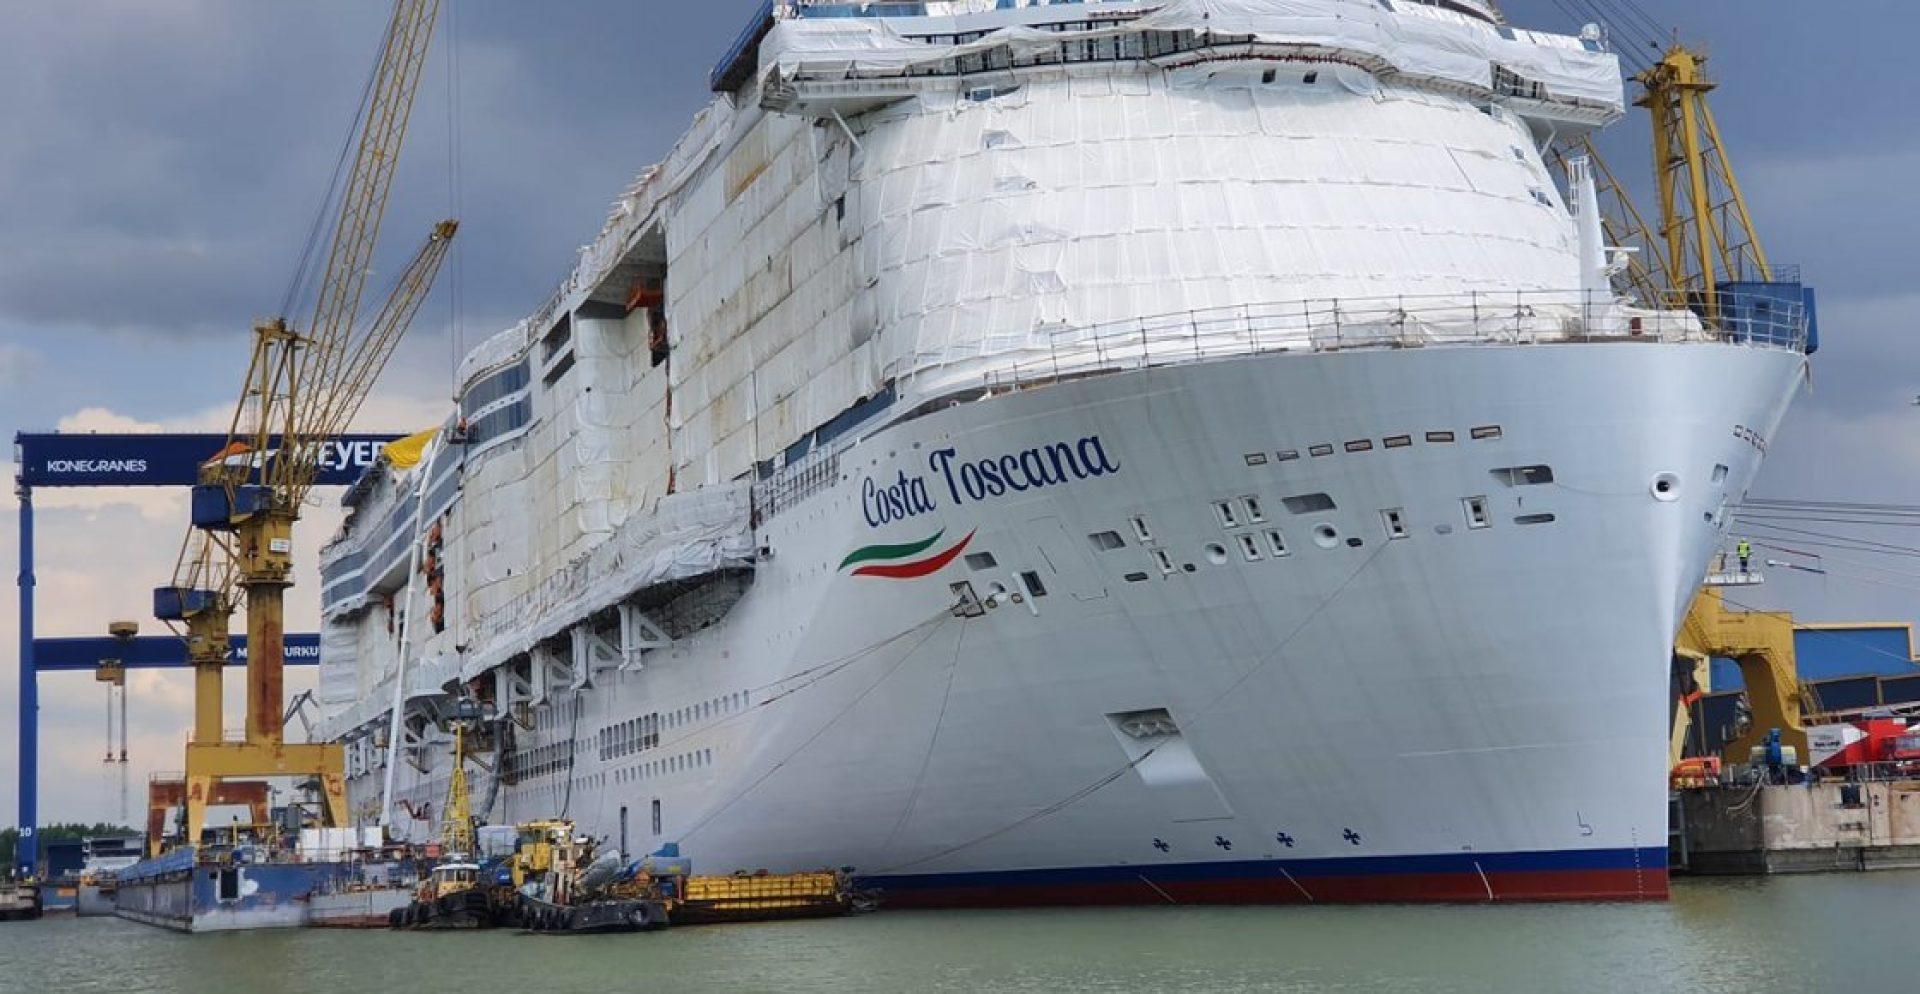 Costa Toscana cruise ship construction